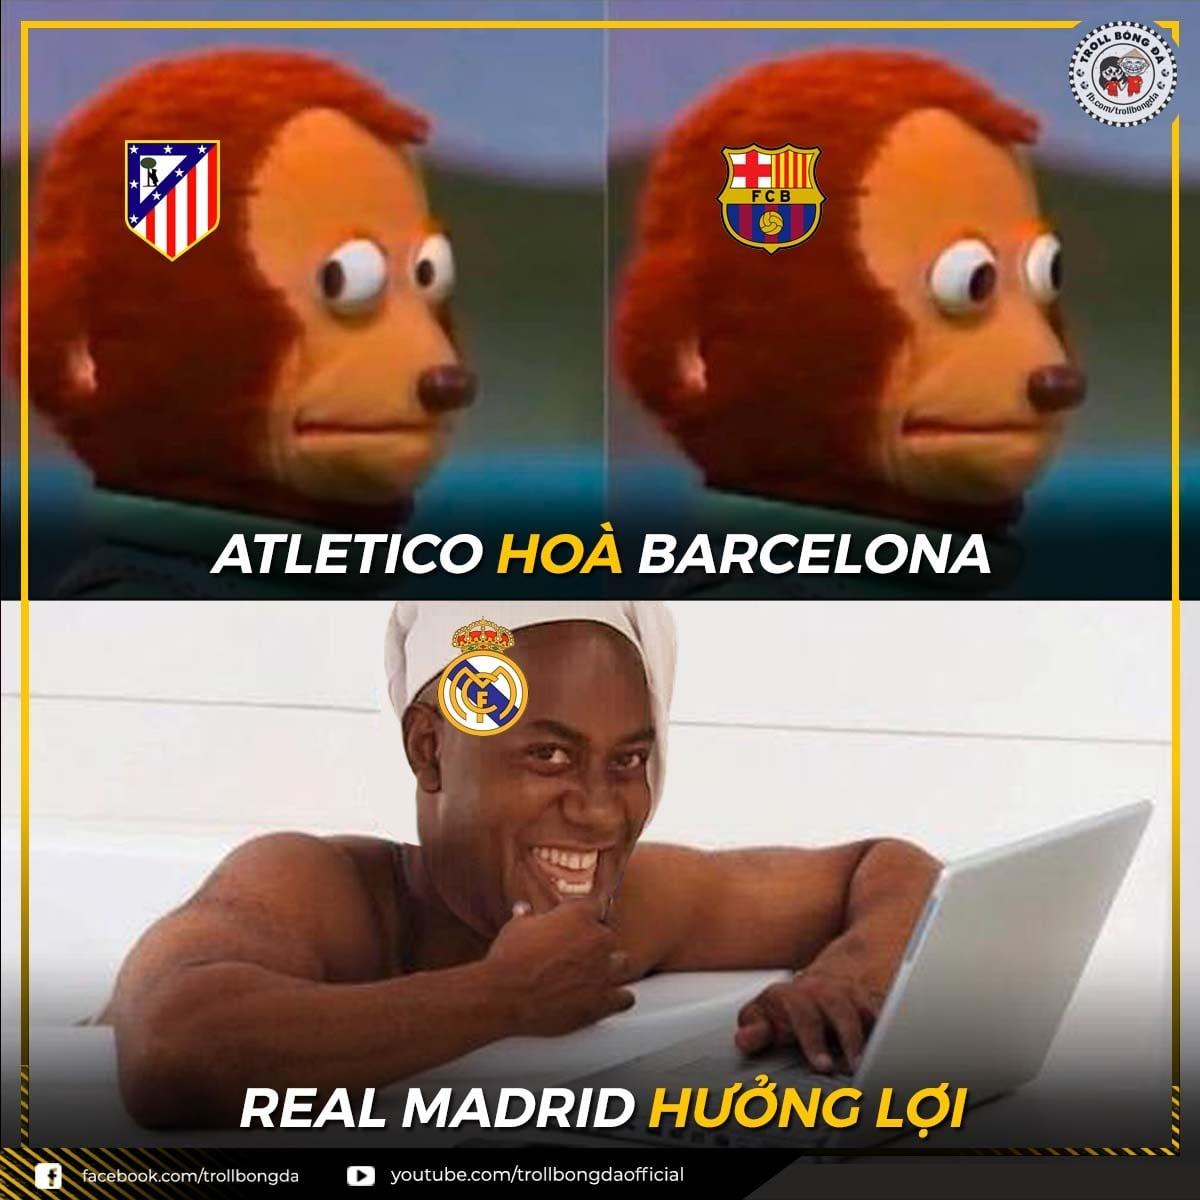 Real Madrid hưởng lợi từ trận Barca hòa Atletico. (Ảnh: Troll bóng đá).